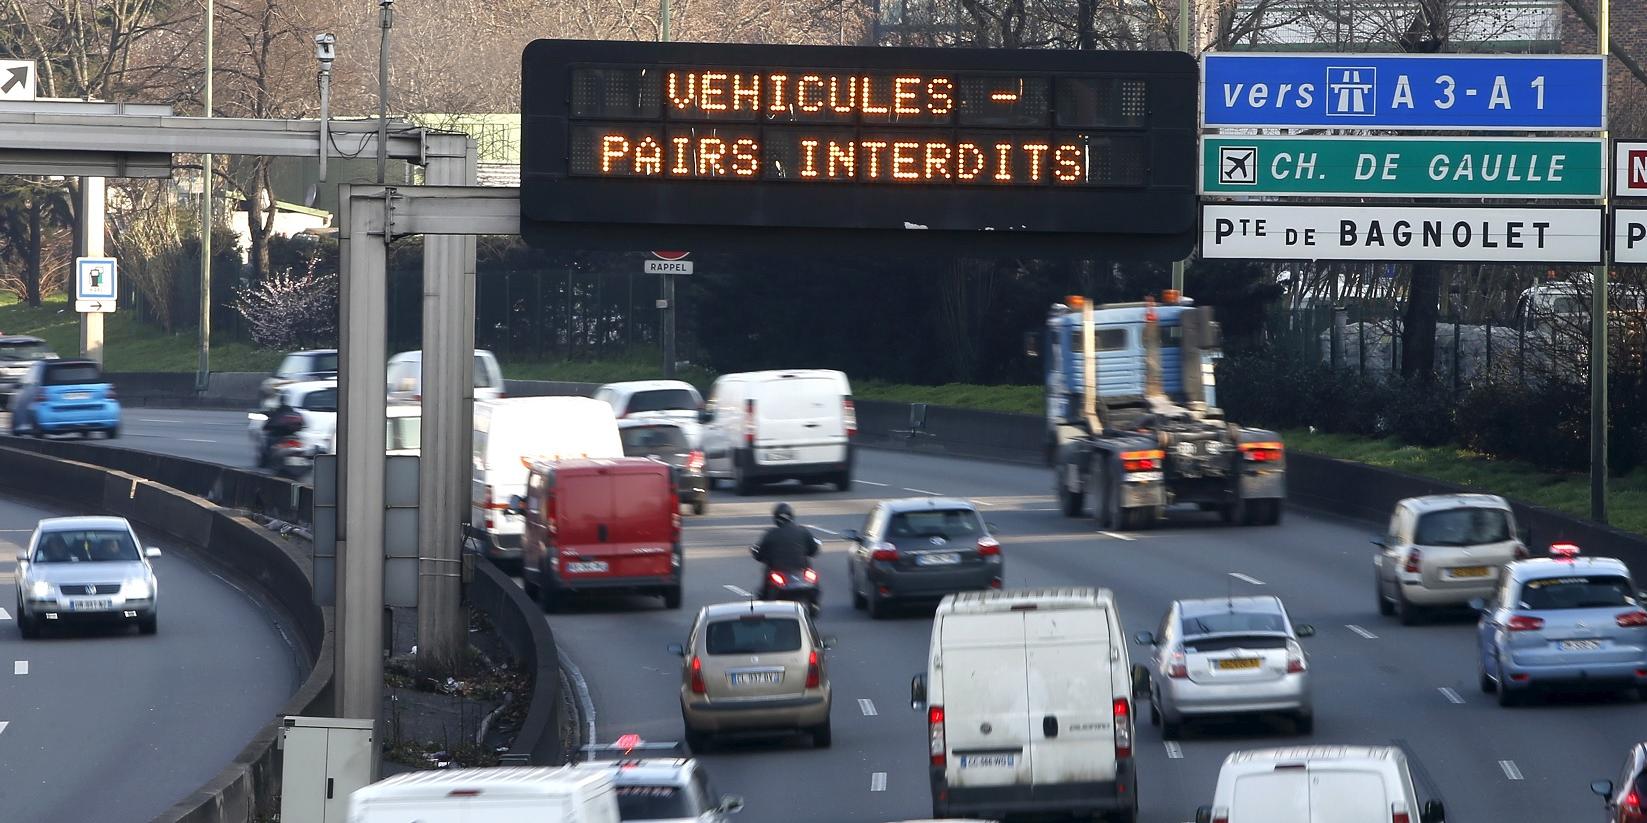 paris-circulation-alternee-sur-le-peripherique-parisien-panneau-indiquant-que-vehicules-pairs-interdits-pendant-l